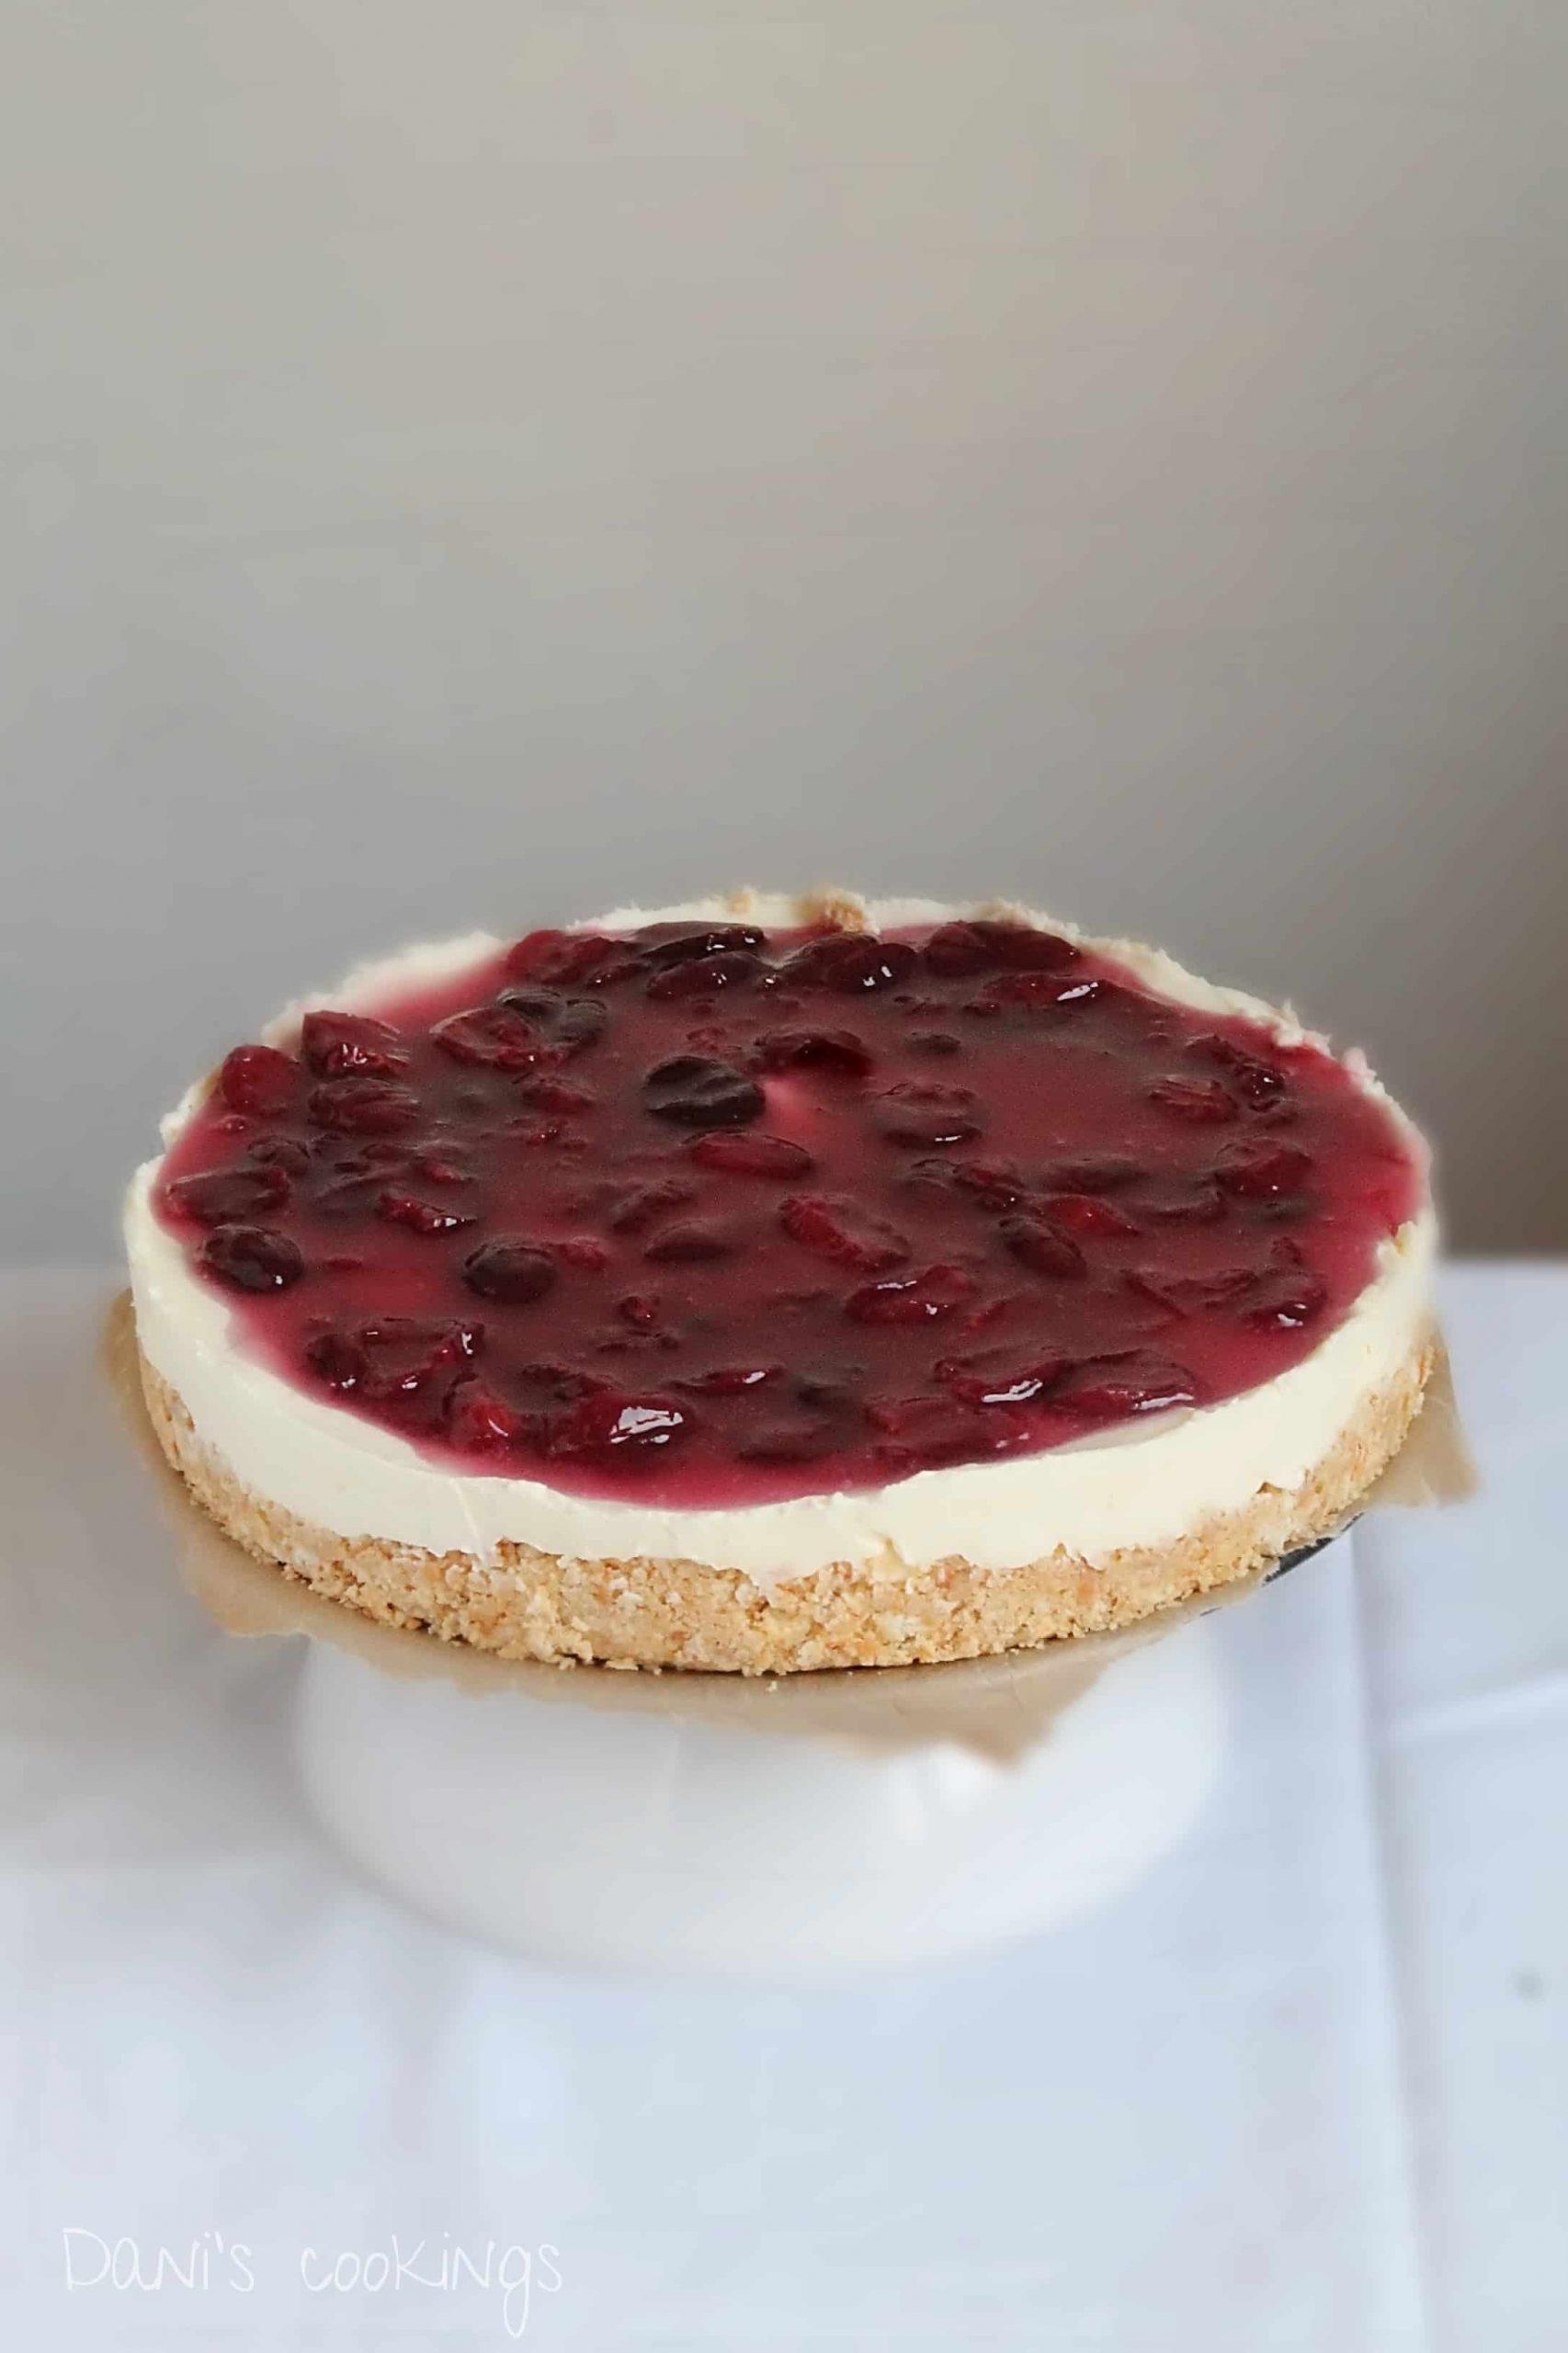 no bake cherry cheesecake - daniscookings.com